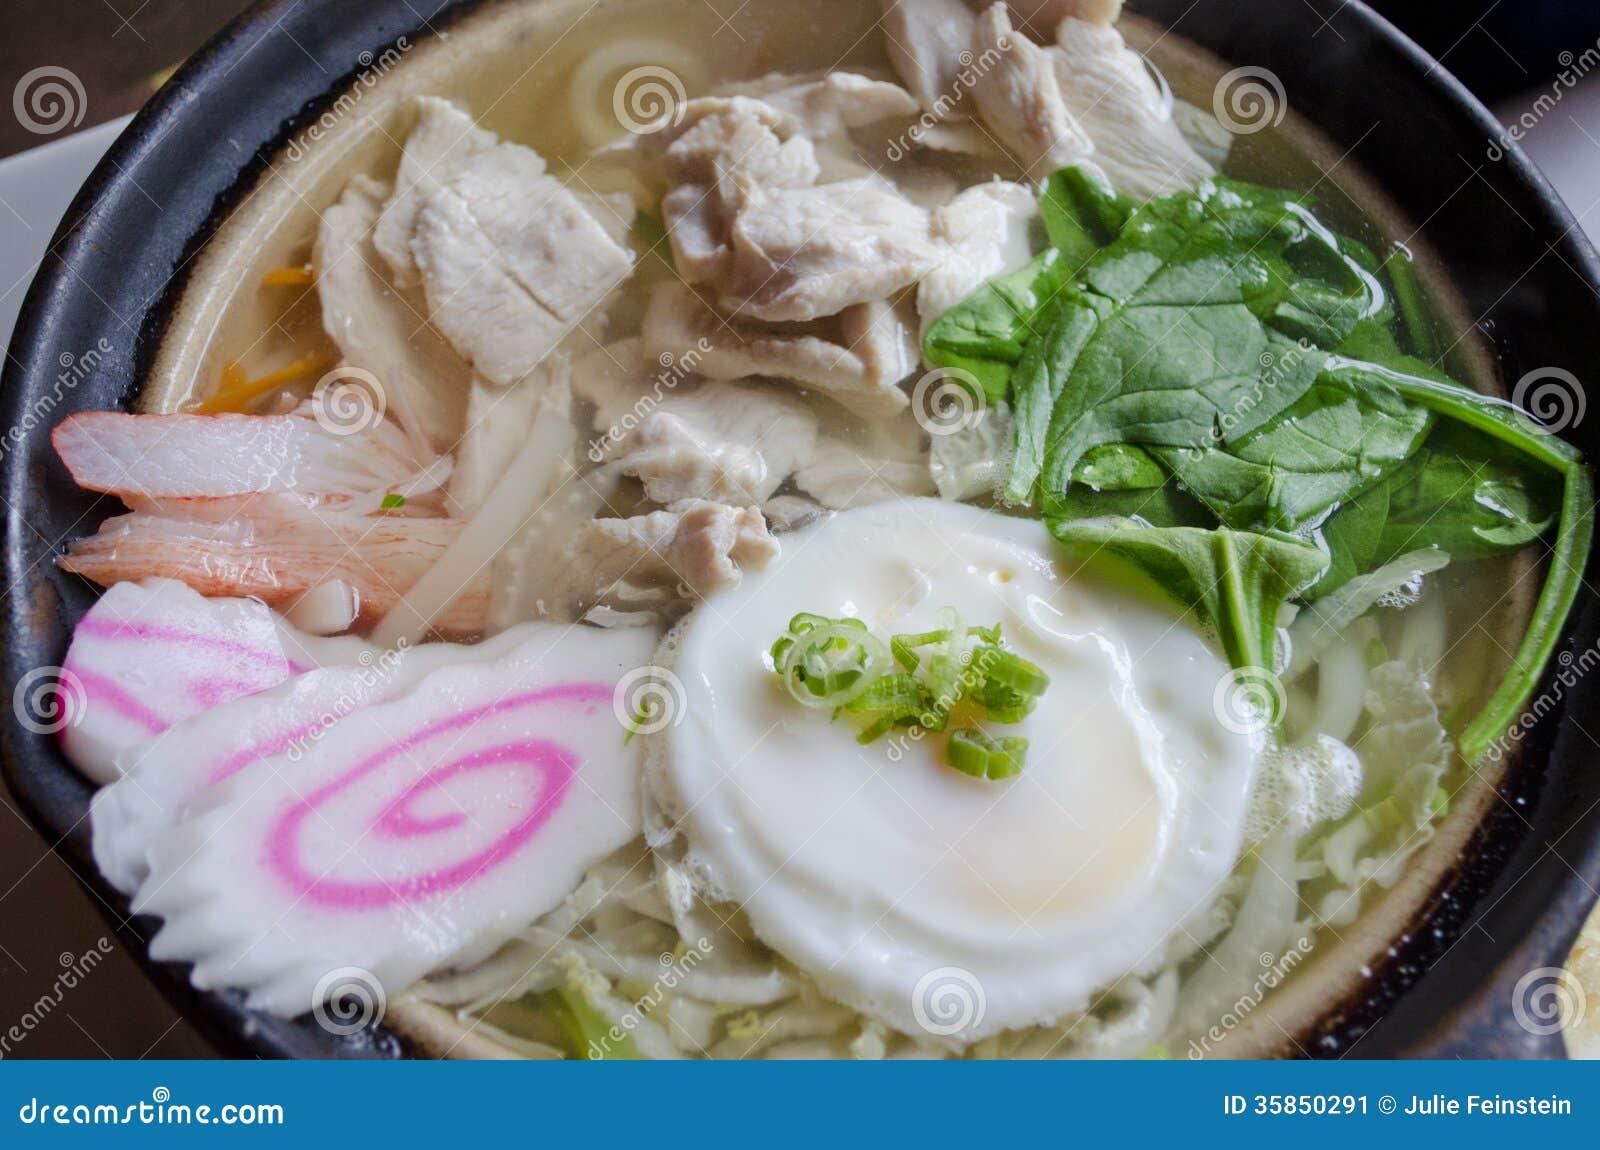 Nabeyaki Udon Stock Image - Image: 35850291